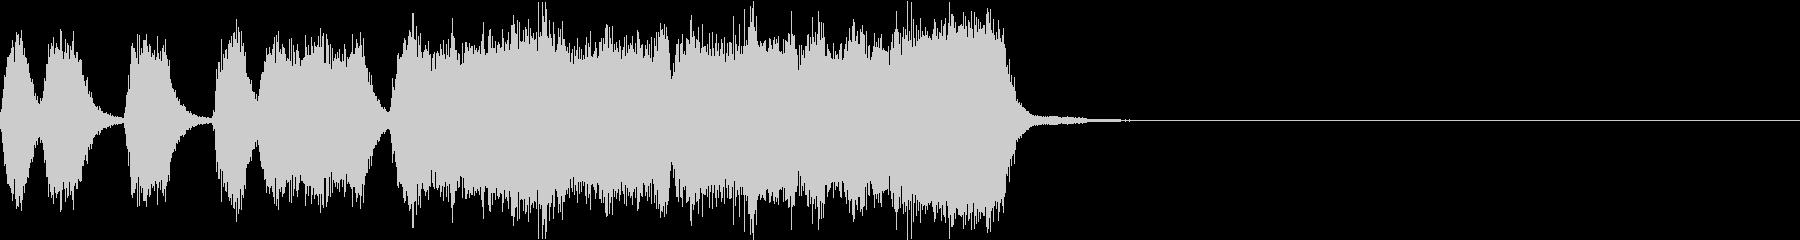 シンプル トランペット ファンファーレJの未再生の波形